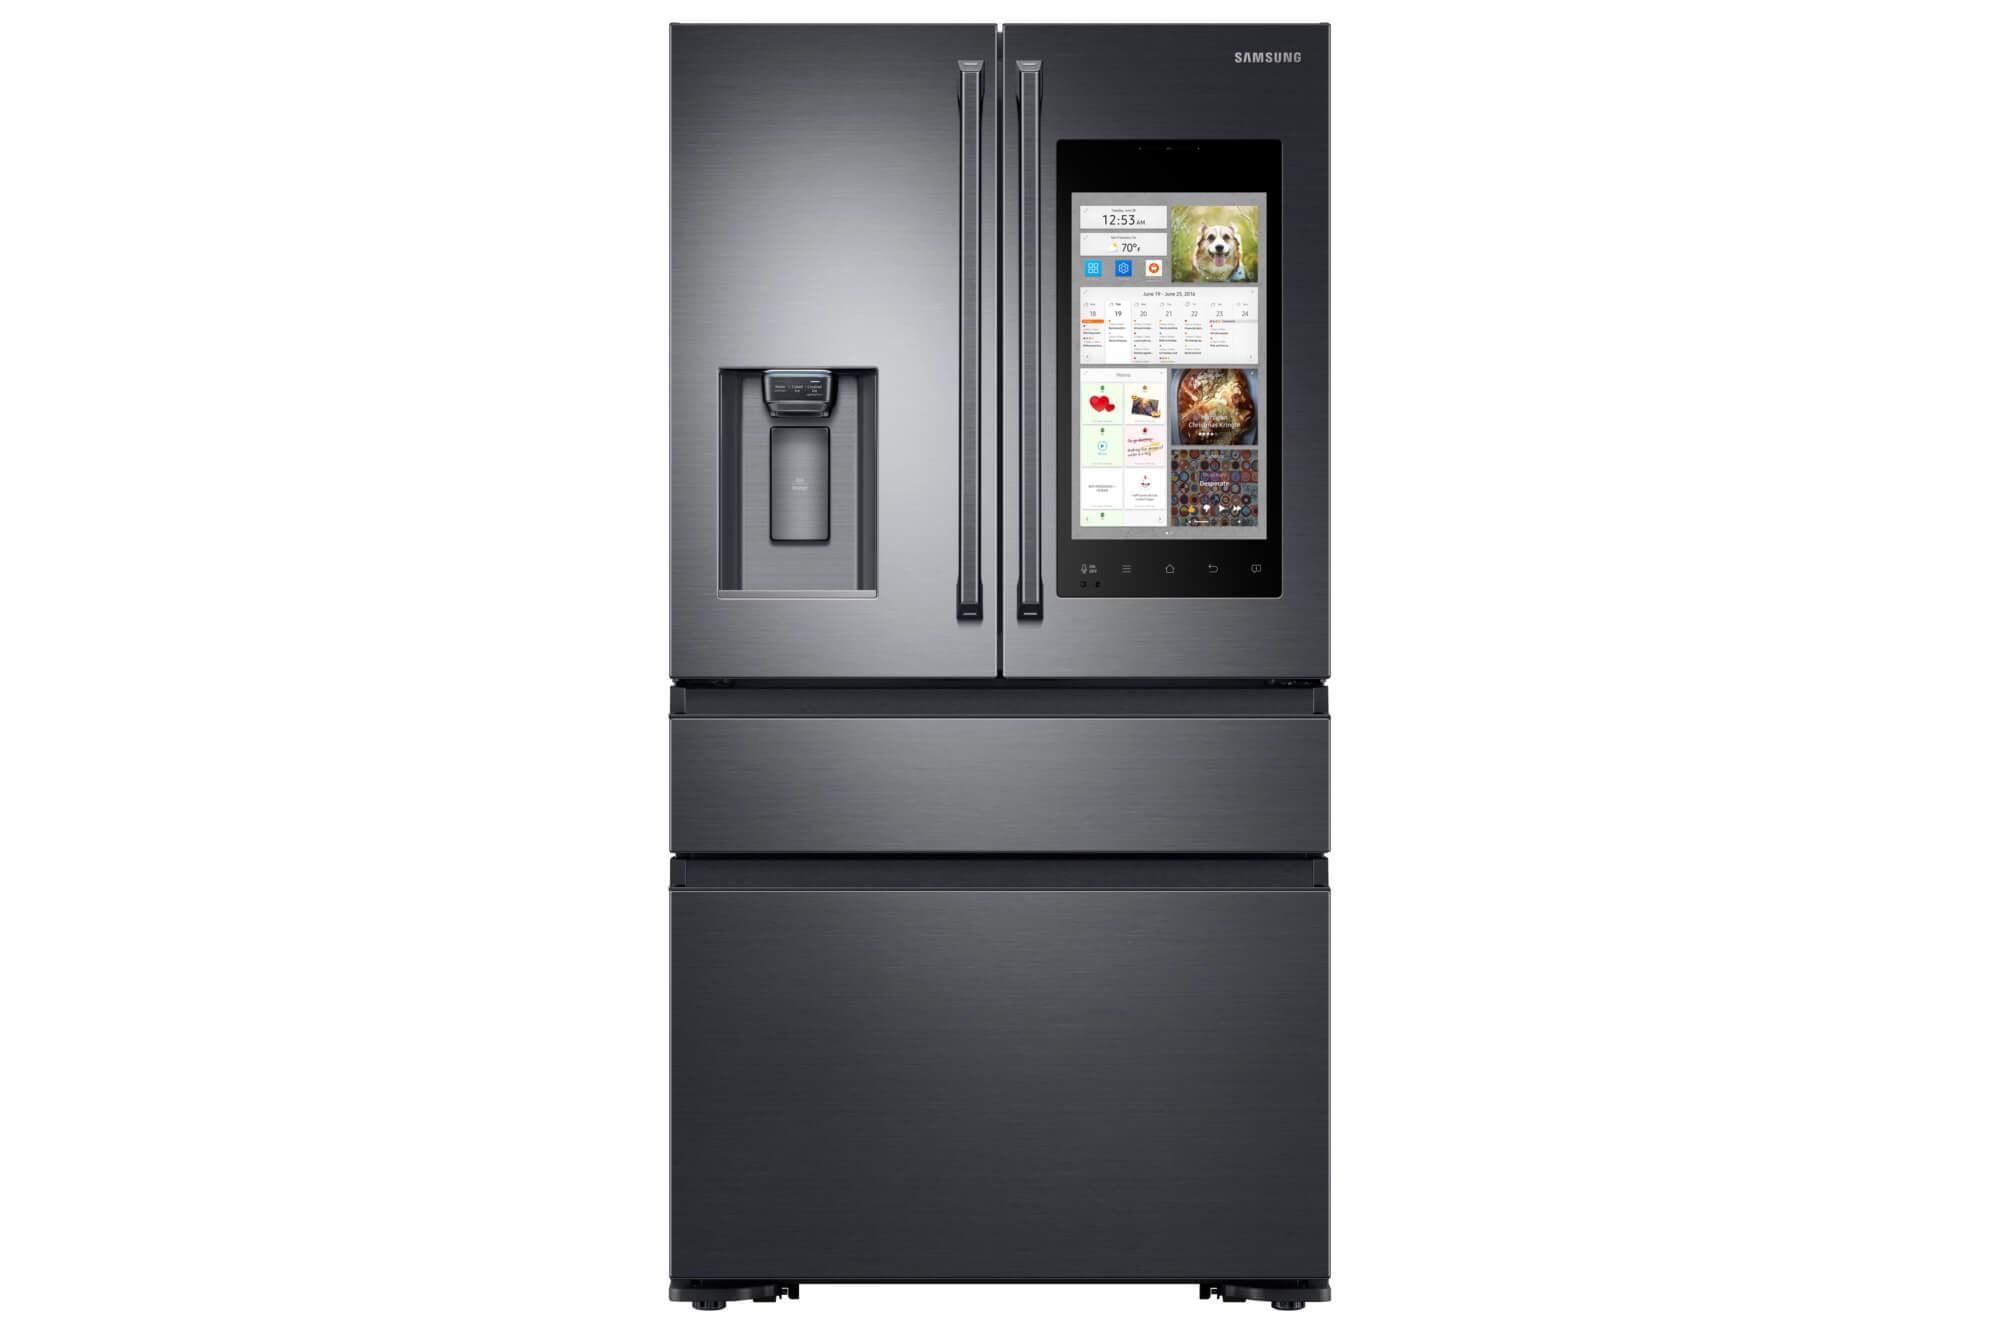 Bomann Kühlschrank Herkunft : Liebherr kühlschrank gastronorm: gewerbekühlschränke zuverlässig und